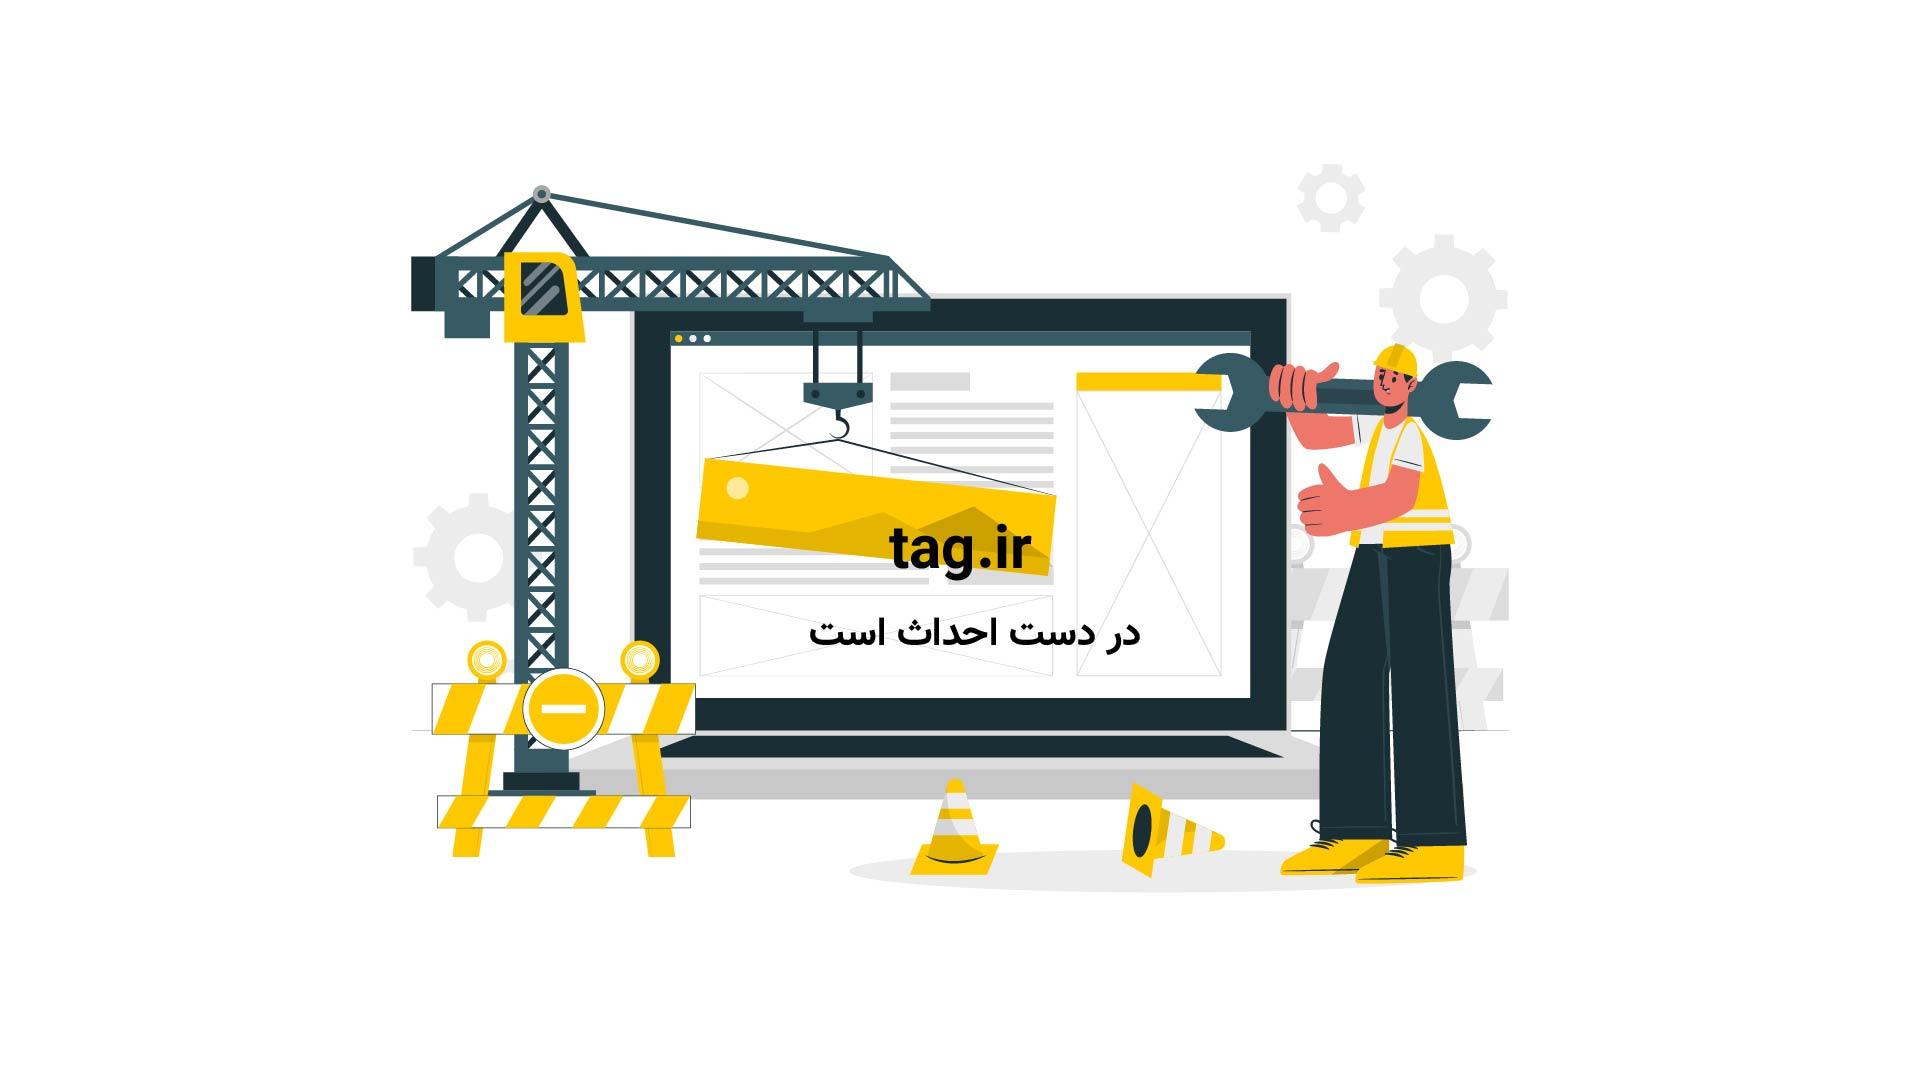 عناوین روزنامه های اقتصادی سه شنبه 30 خرداد | فیلم